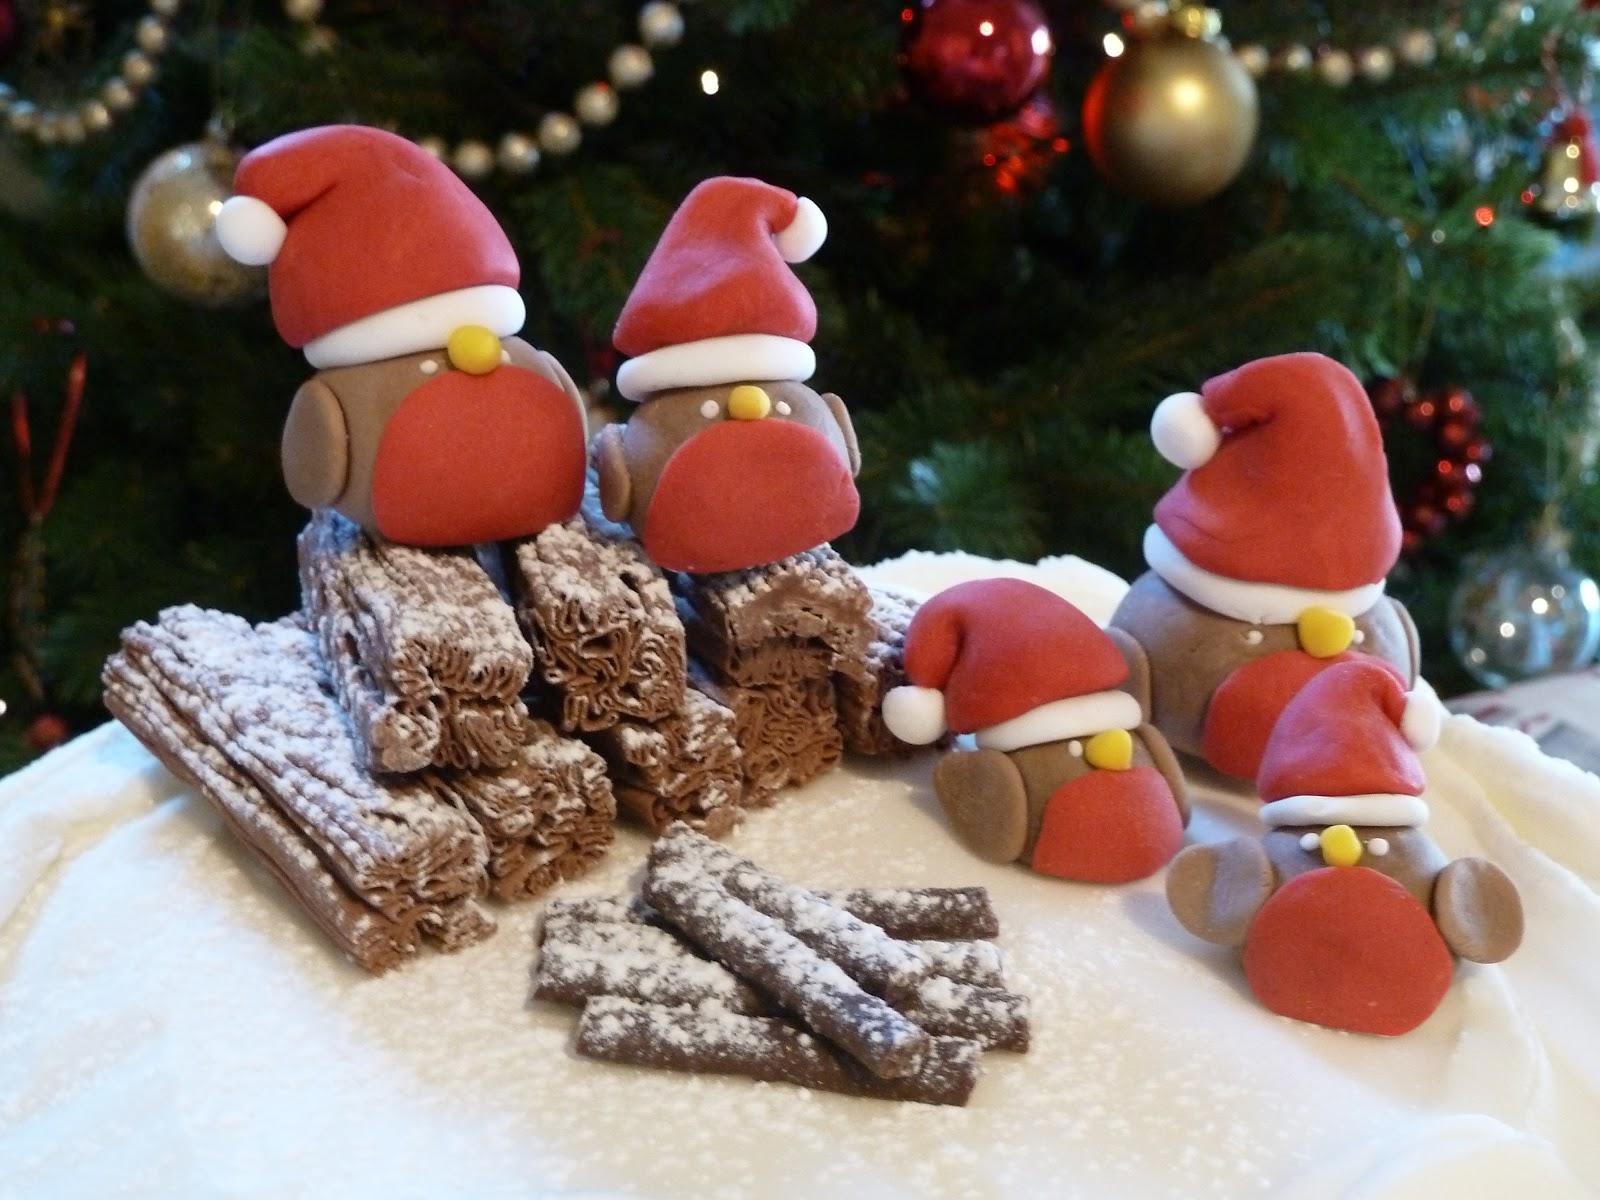 Festive Robin Sugar Paste Decorations